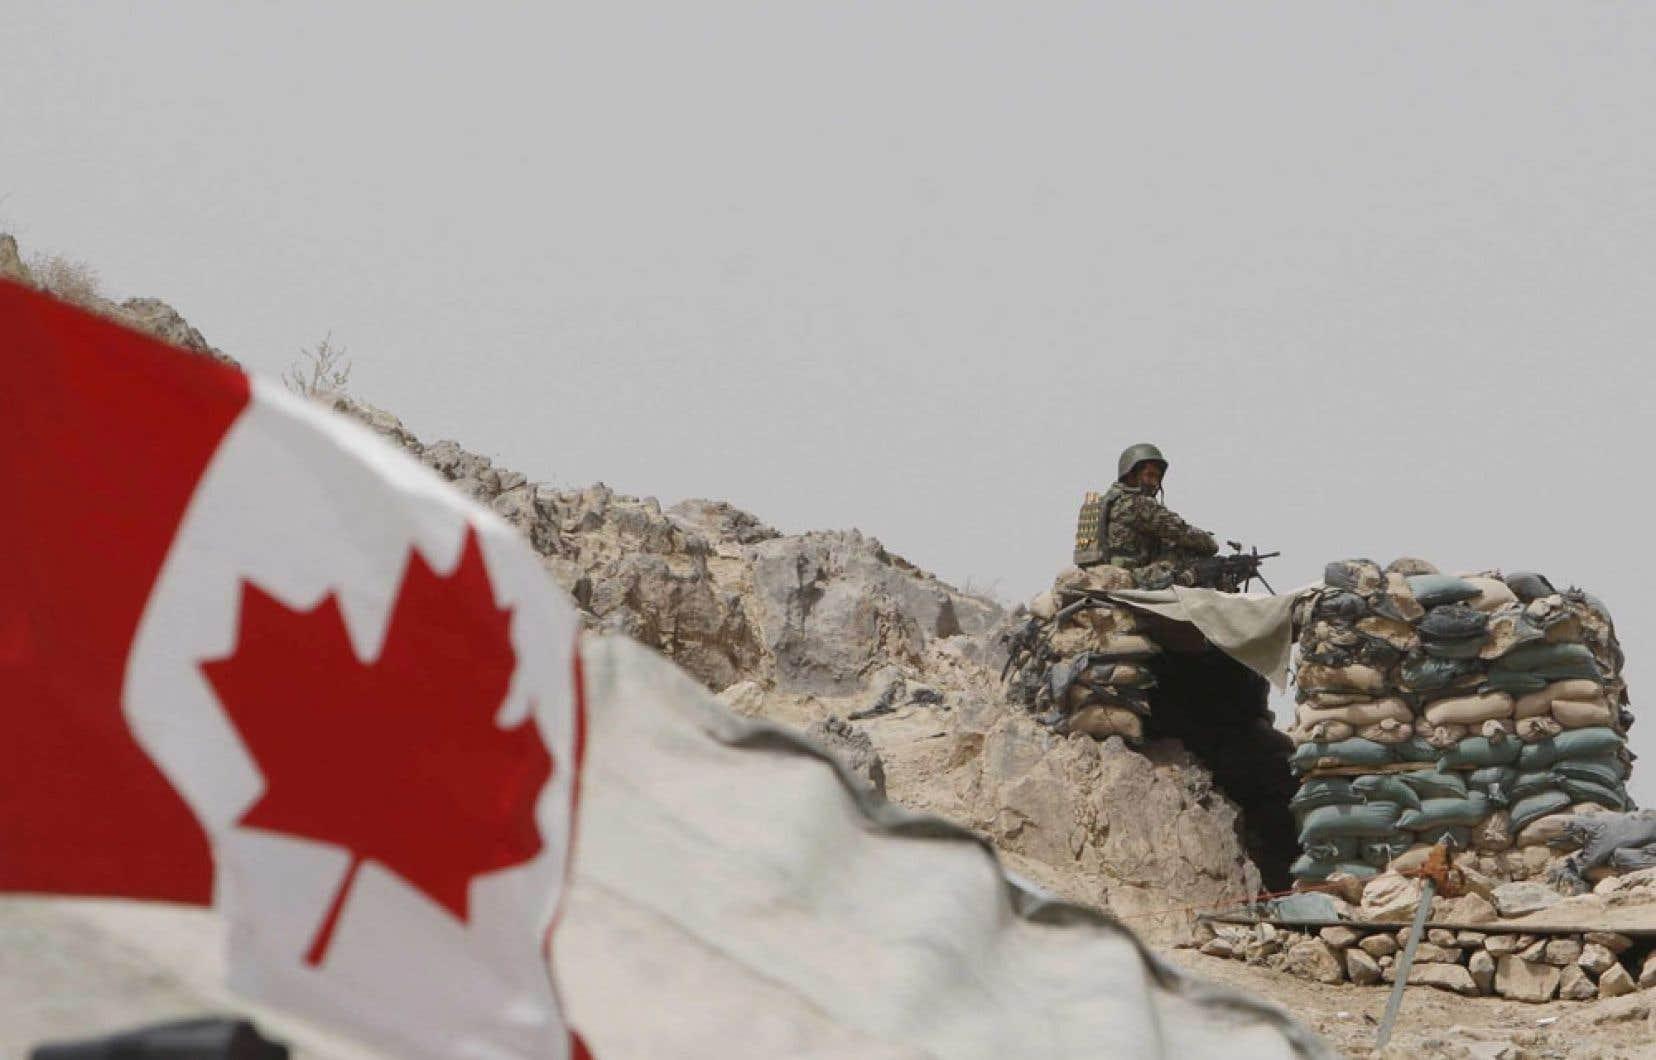 Les engagements canadiens au sein d'une large coalition du sous-commandement de l'OTAN prendront officiellement fin mars 2014.